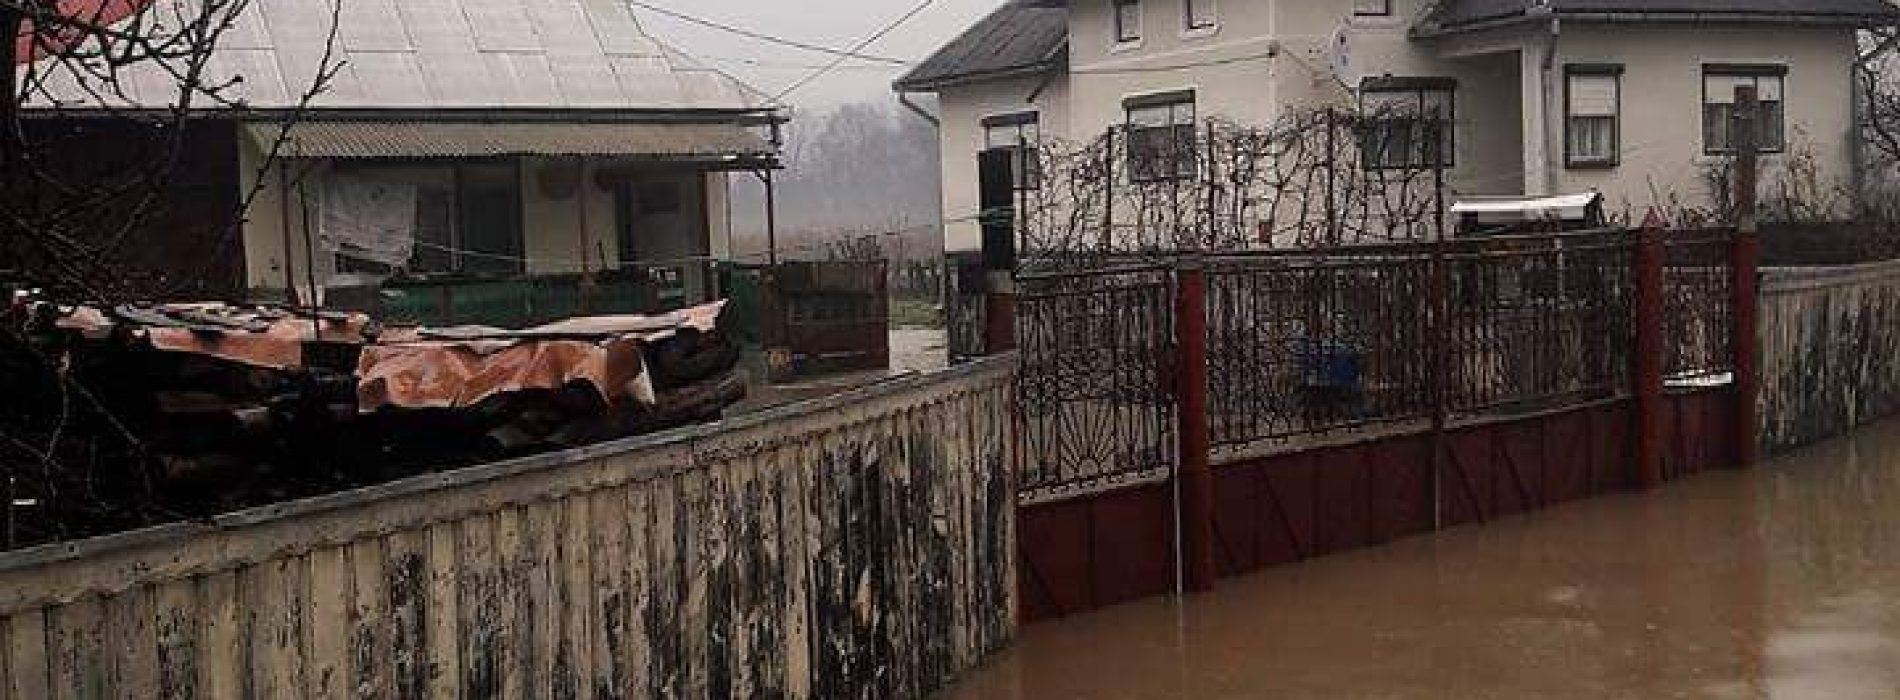 Au fost INUNDATE 10 anexe GOSPODĂREȘTI la Giulești